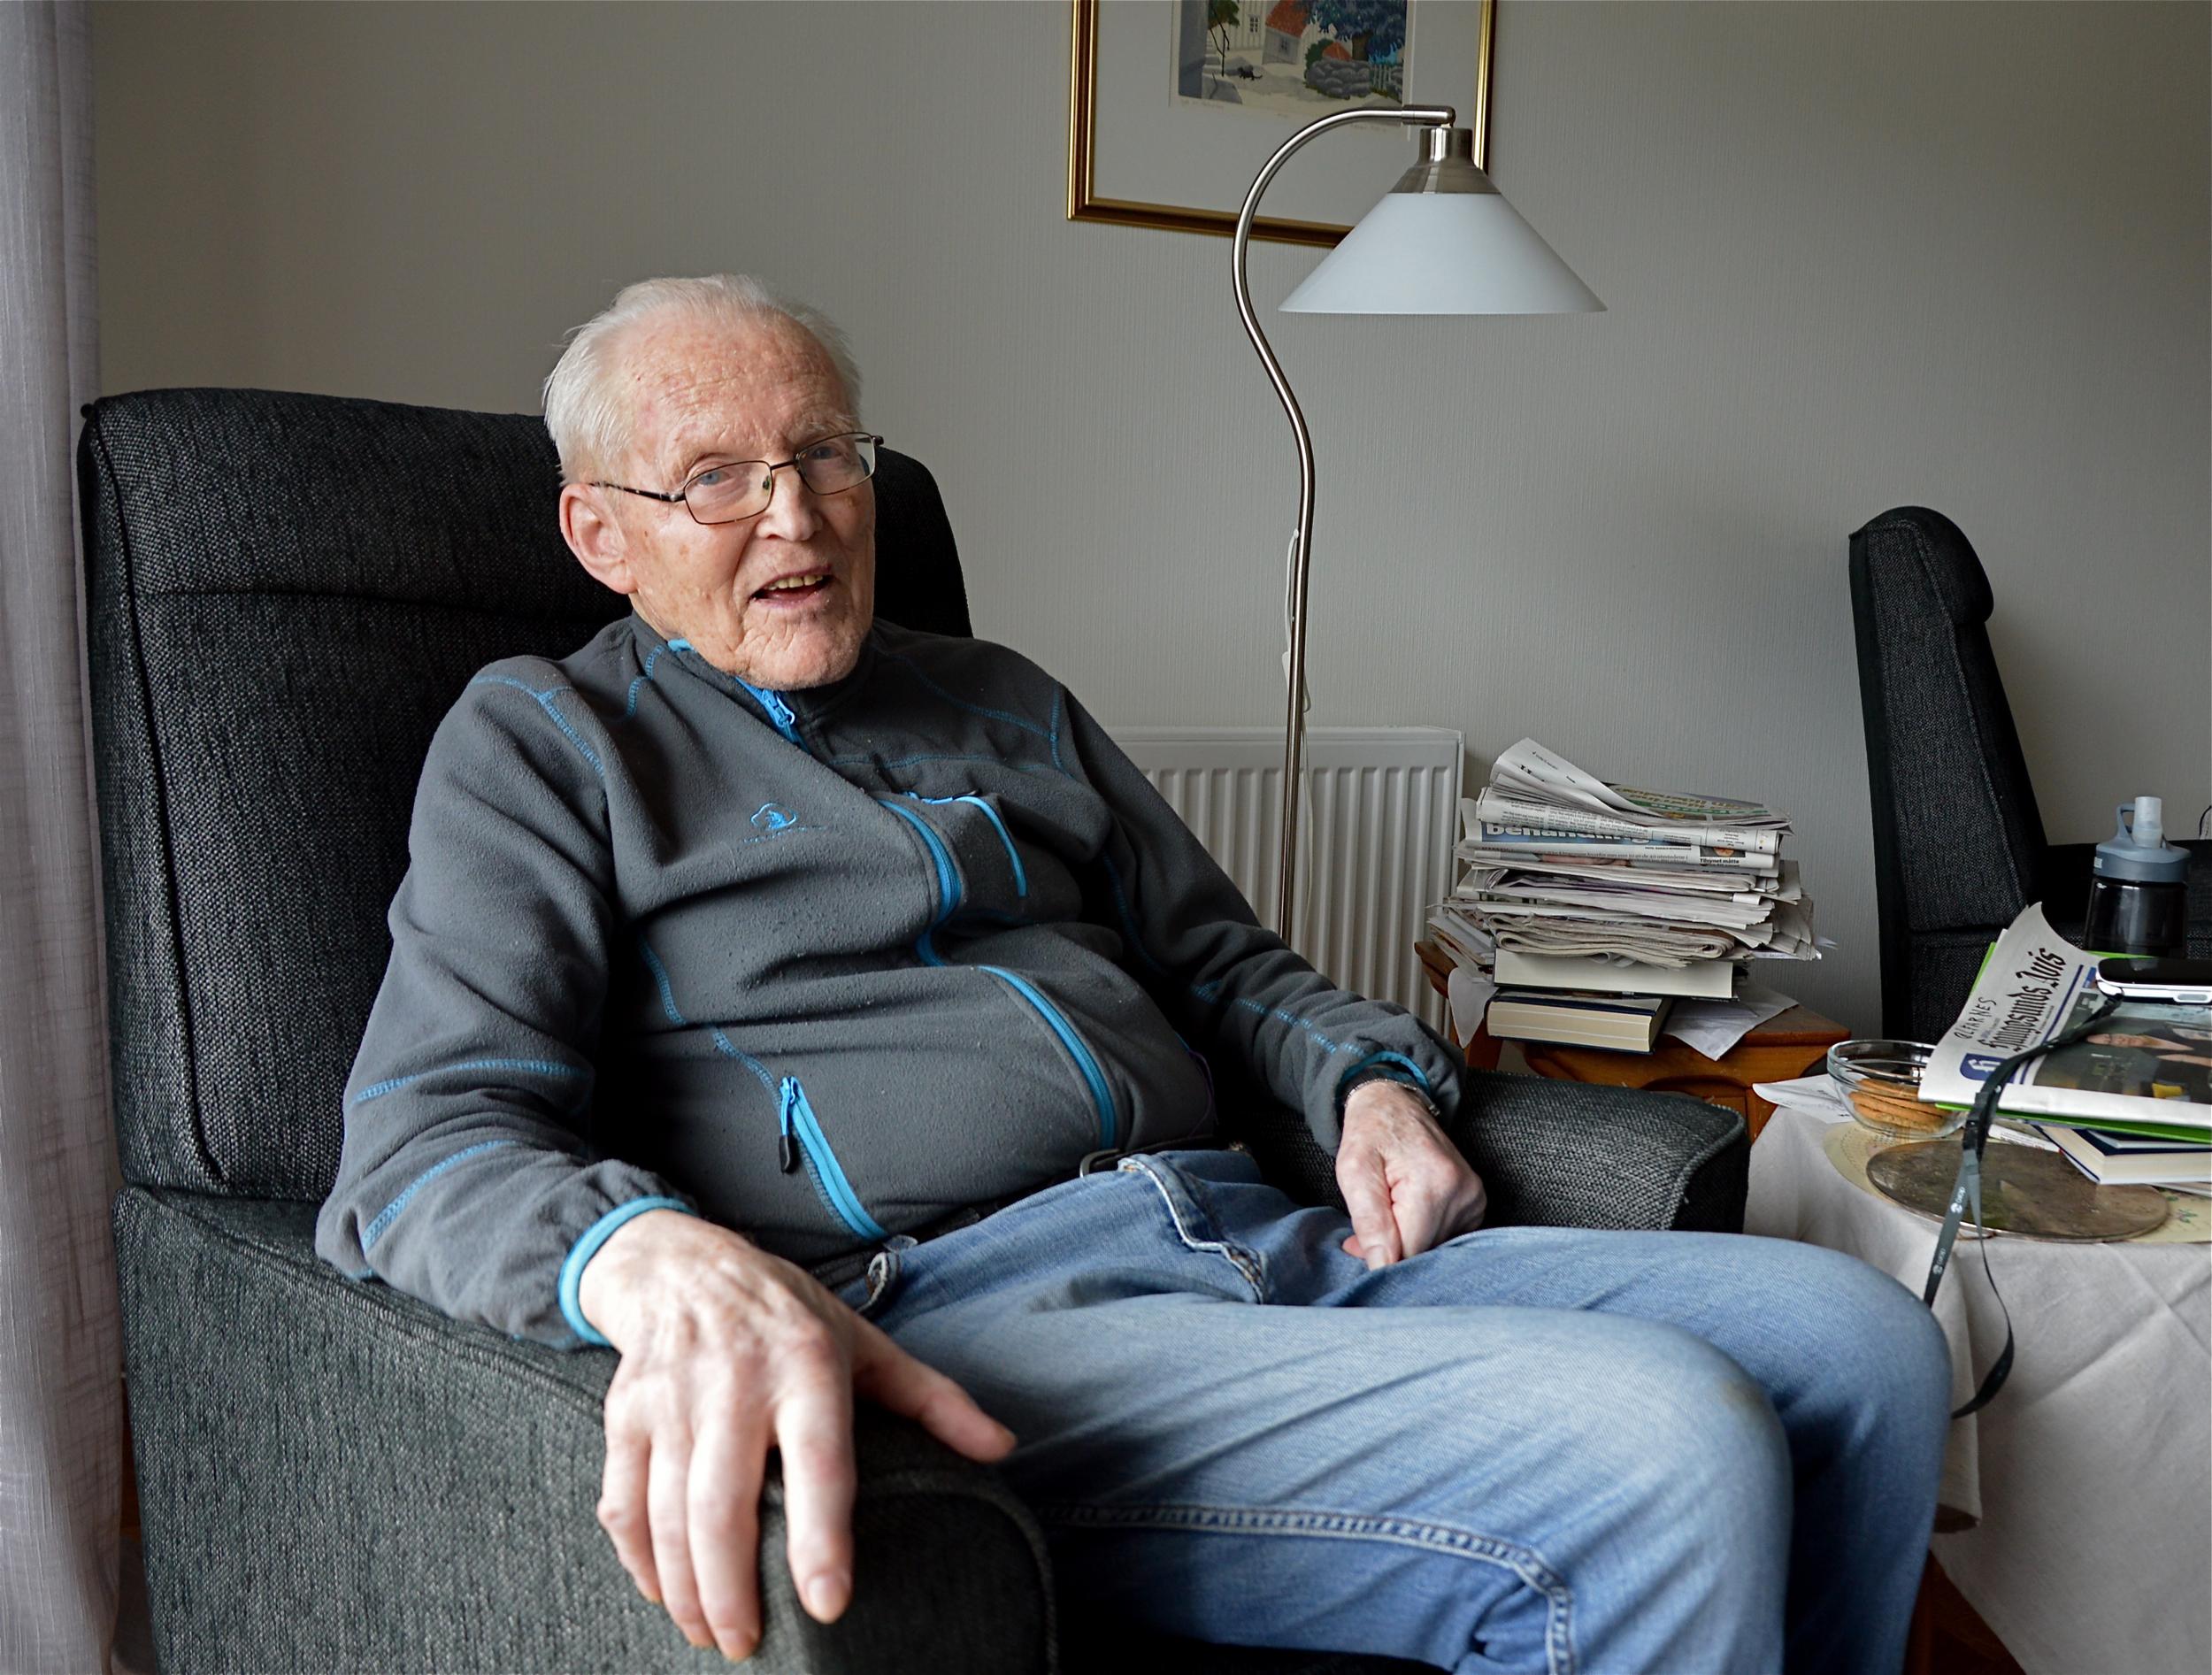 – Livet er ikkje så verst, sjølv om helsa mi kunne vore betre, seier 90-åringen Arnfinn Ølfarnes.